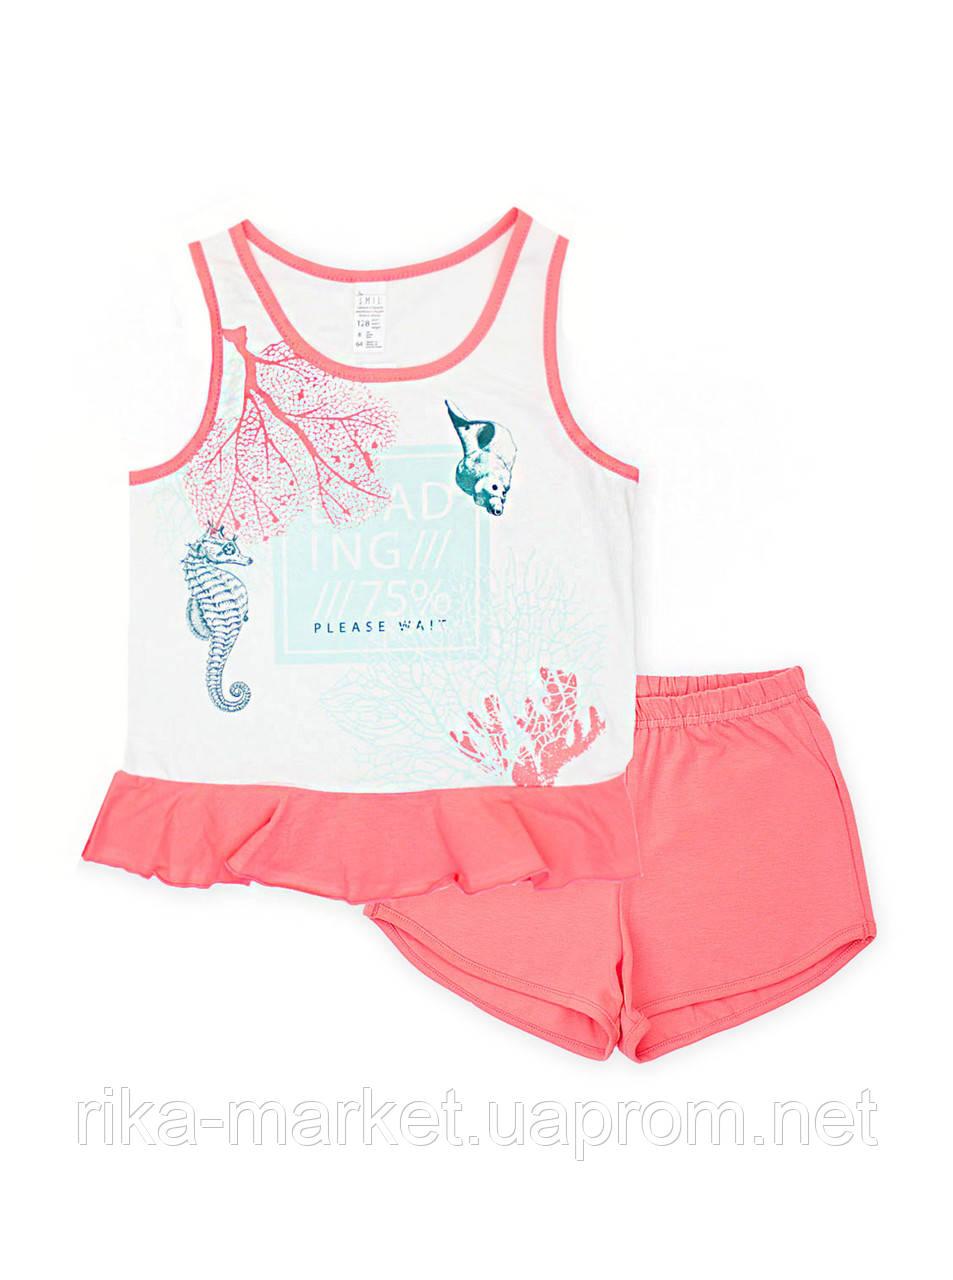 Пижама для девочки, Смил  от 7 до 14 лет 104655/104479,